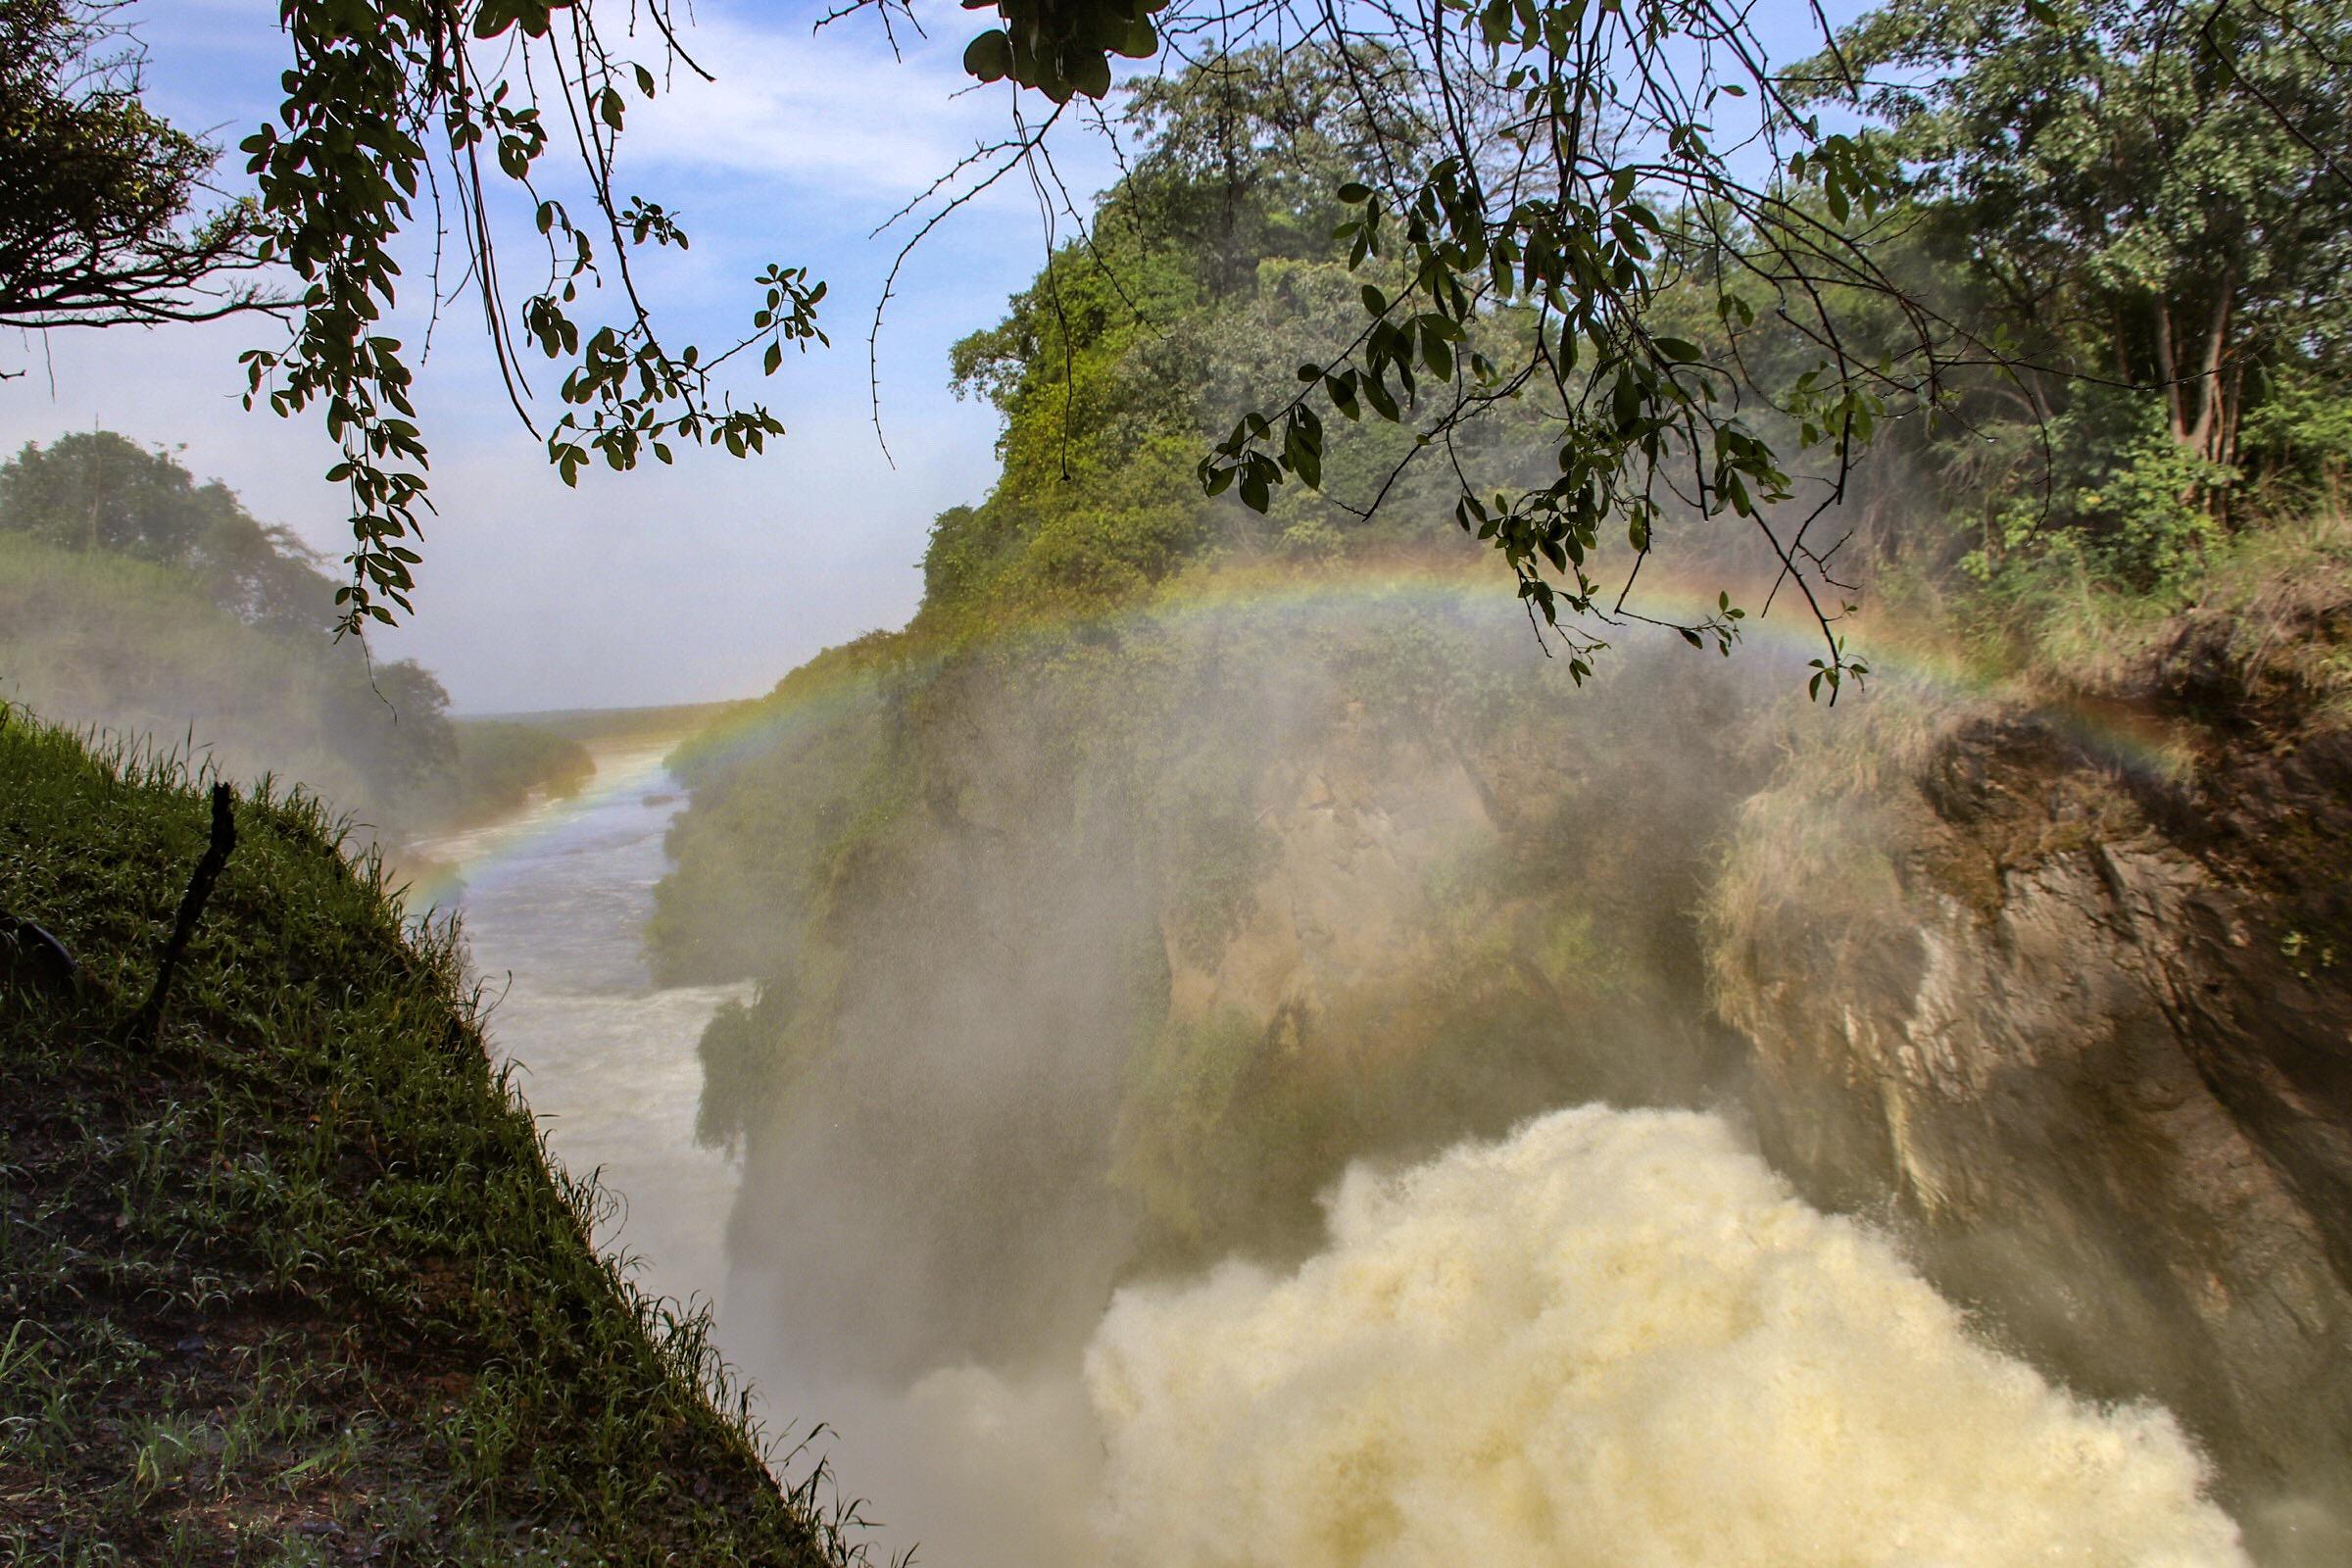 10-Day Wildlife Big 5, Murchison Falls, and Gorilla Trekking Safaris in Uganda 10